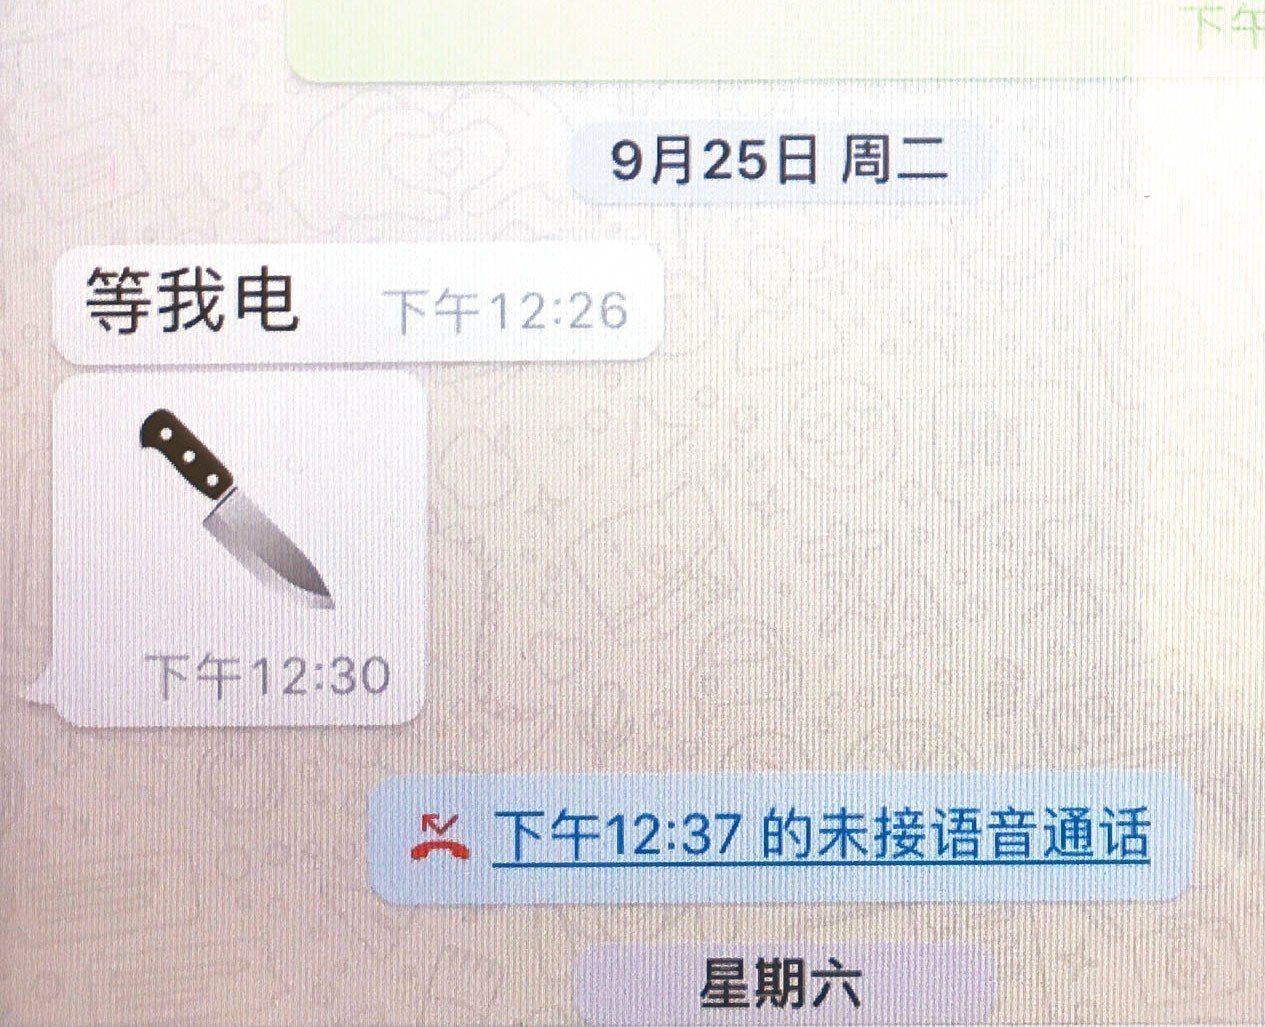 孟宏偉的妻子說,孟宏偉最後一次和她聯絡時傳送了一把尖刀的表情符號(見圖),暗示自...